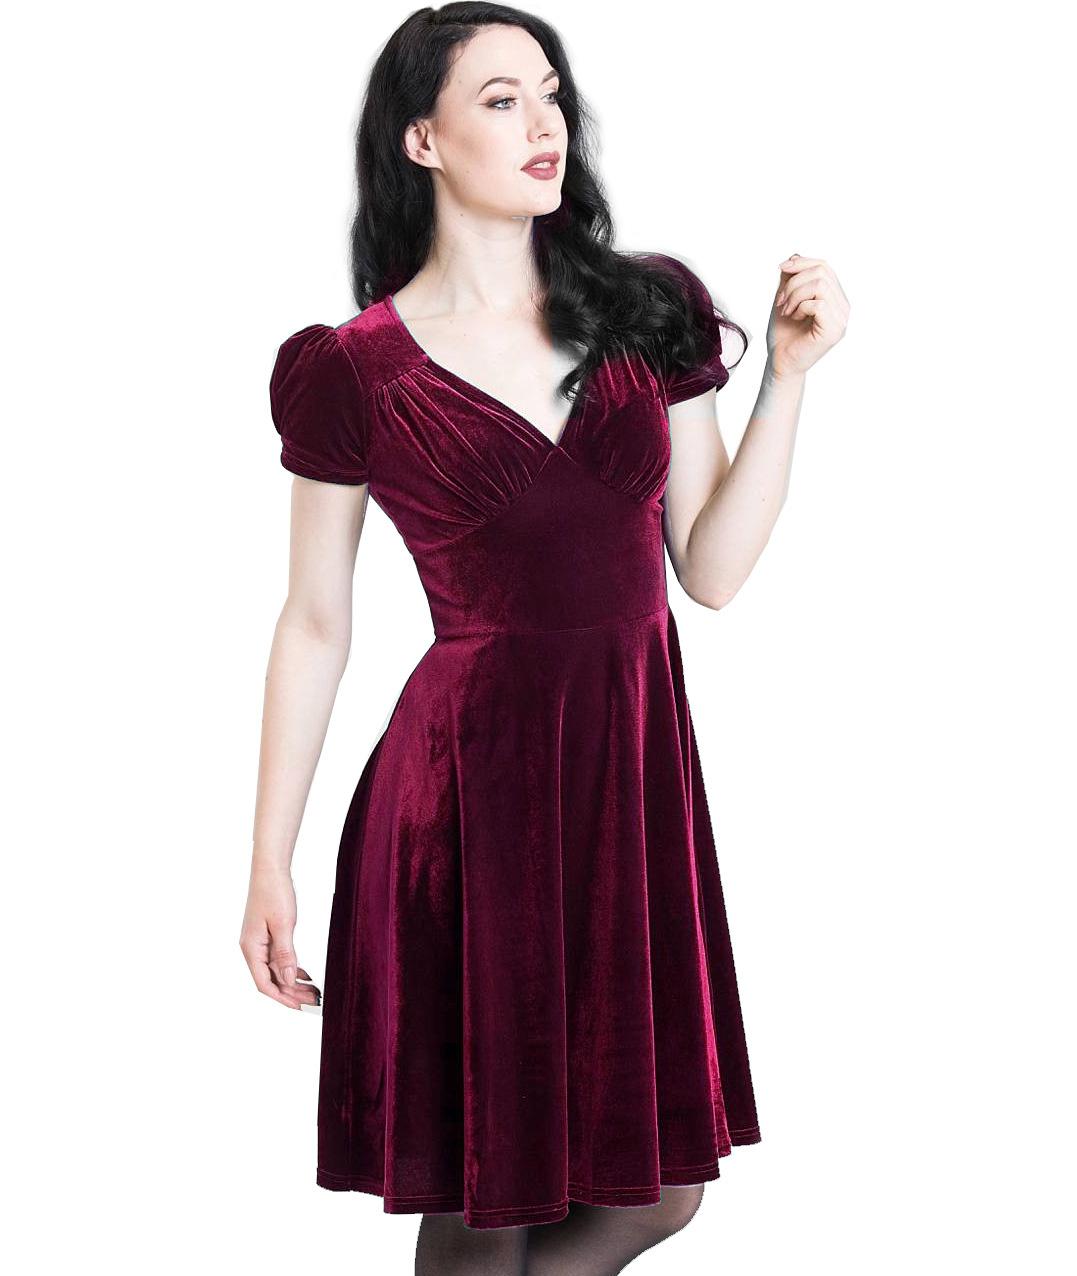 Hell-Bunny-40s-50s-Elegant-Pin-Up-Dress-JOANNE-Crushed-Velvet-Burgundy-All-Sizes thumbnail 21